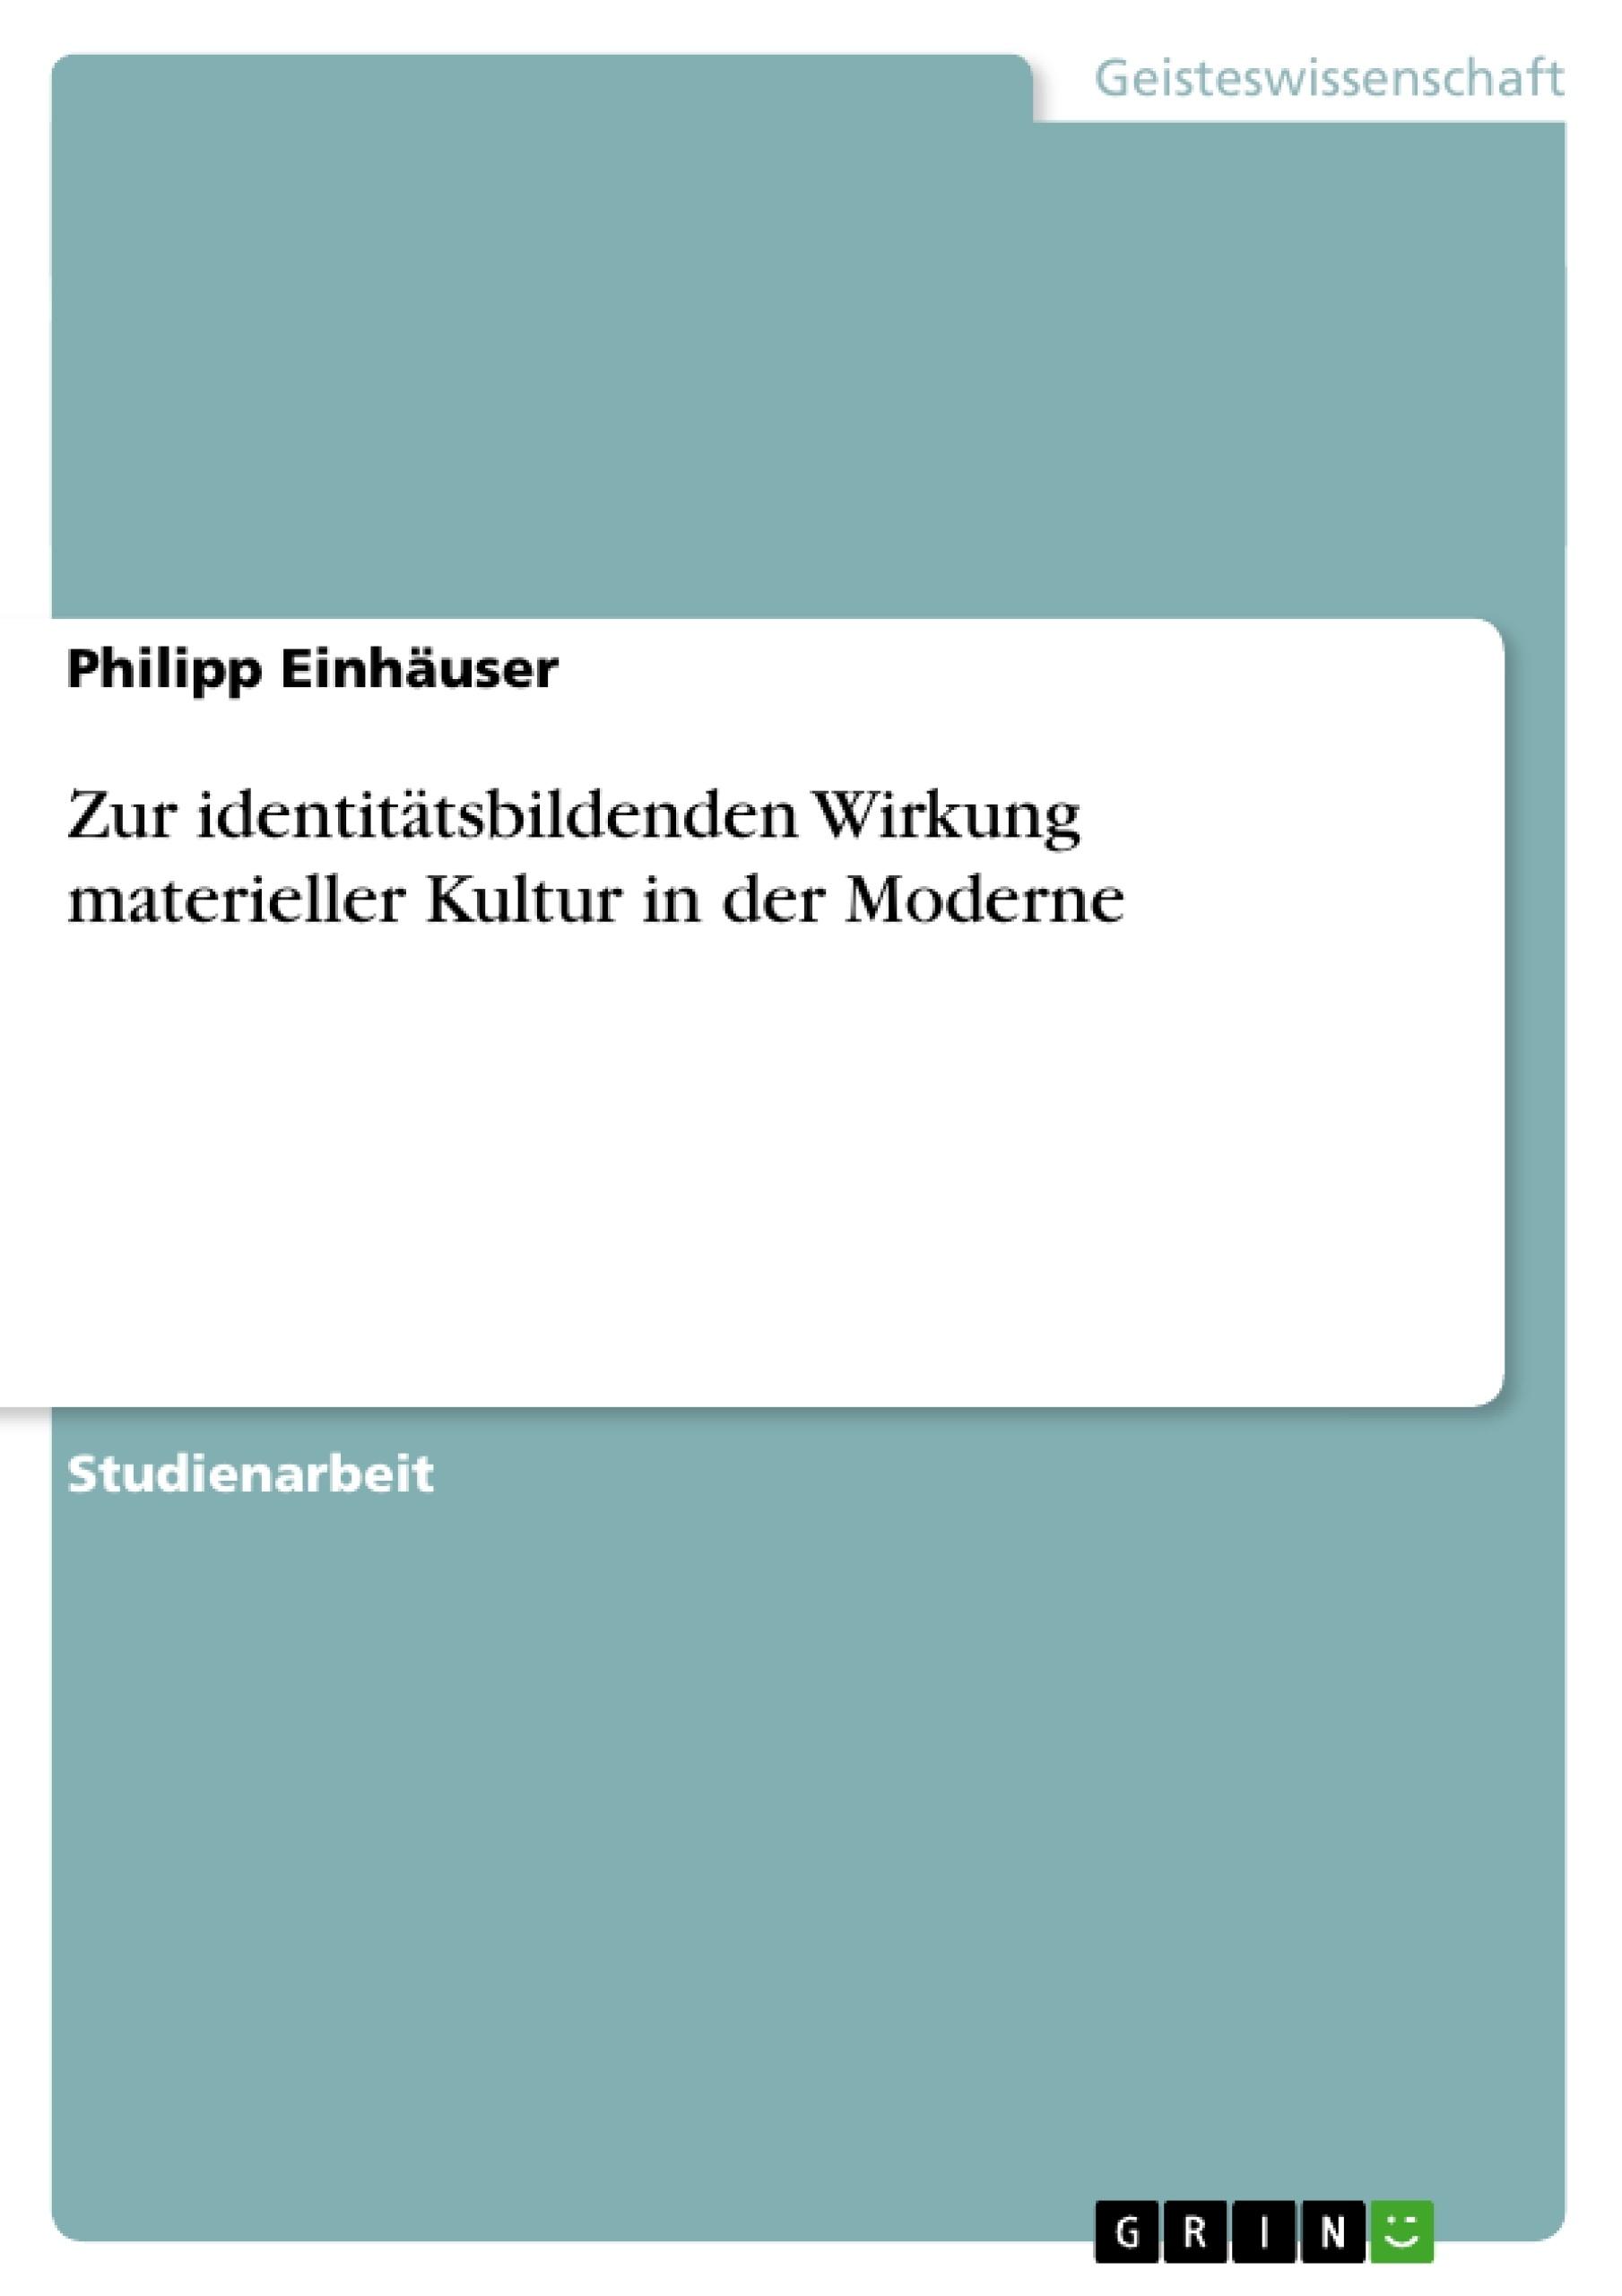 Titel: Zur identitätsbildenden Wirkung materieller Kultur in der Moderne